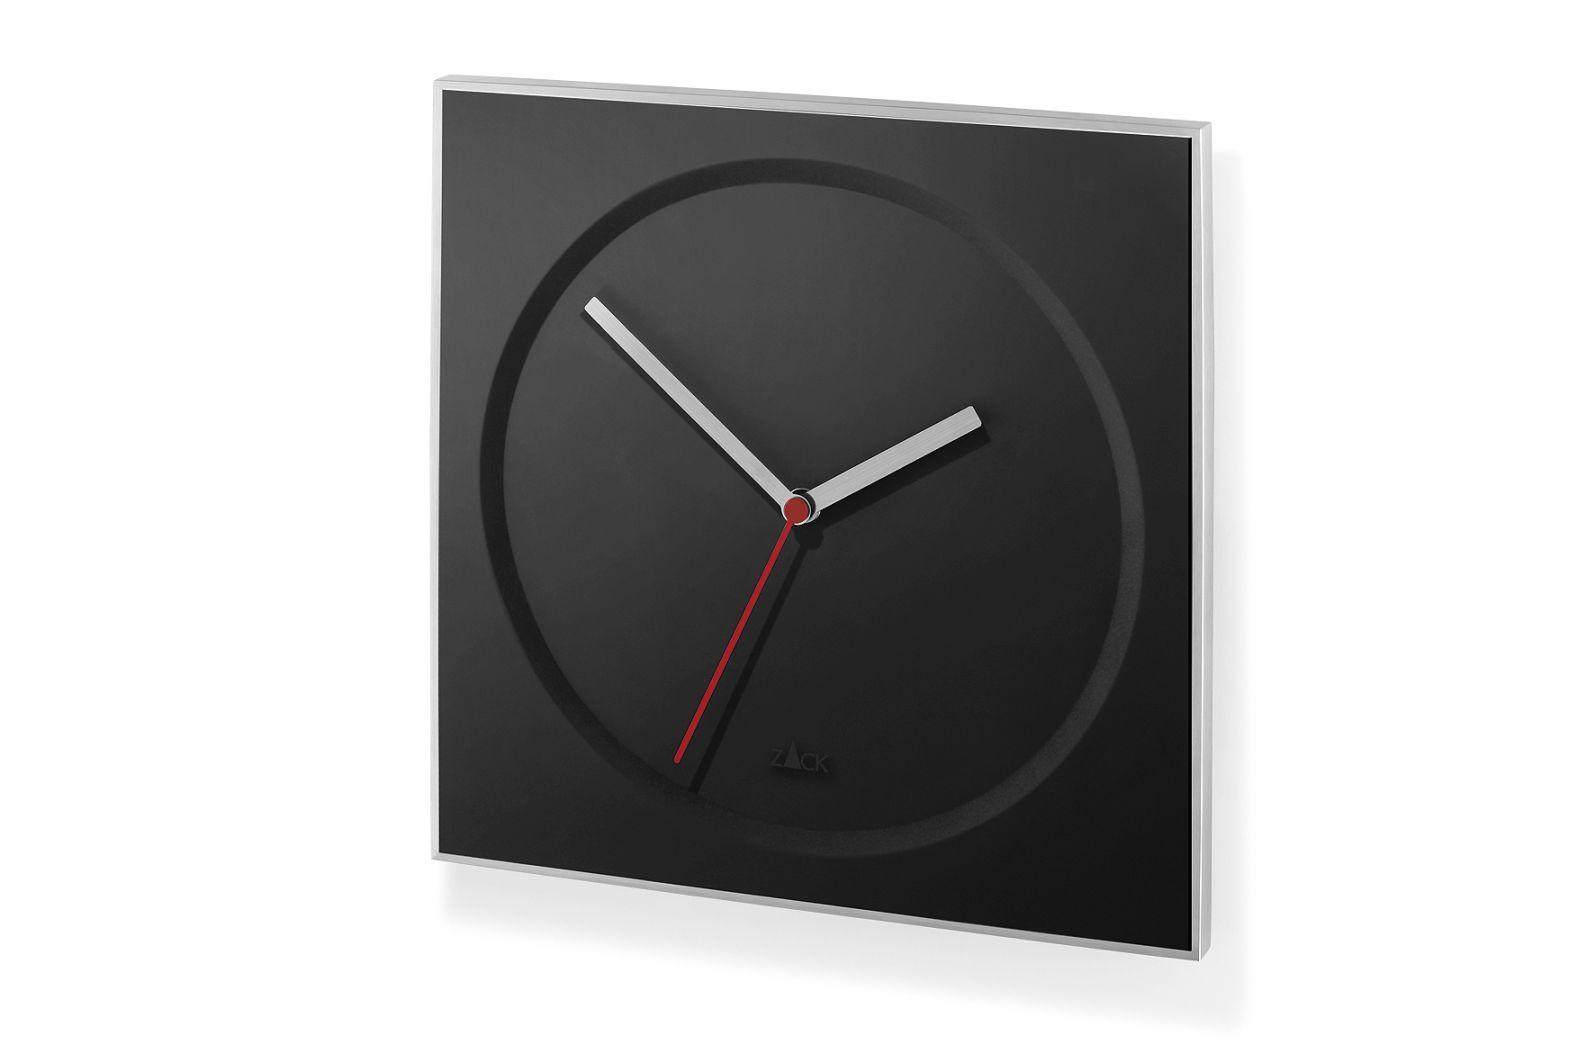 Nástěnné hodiny HOYO, černé - ZACK